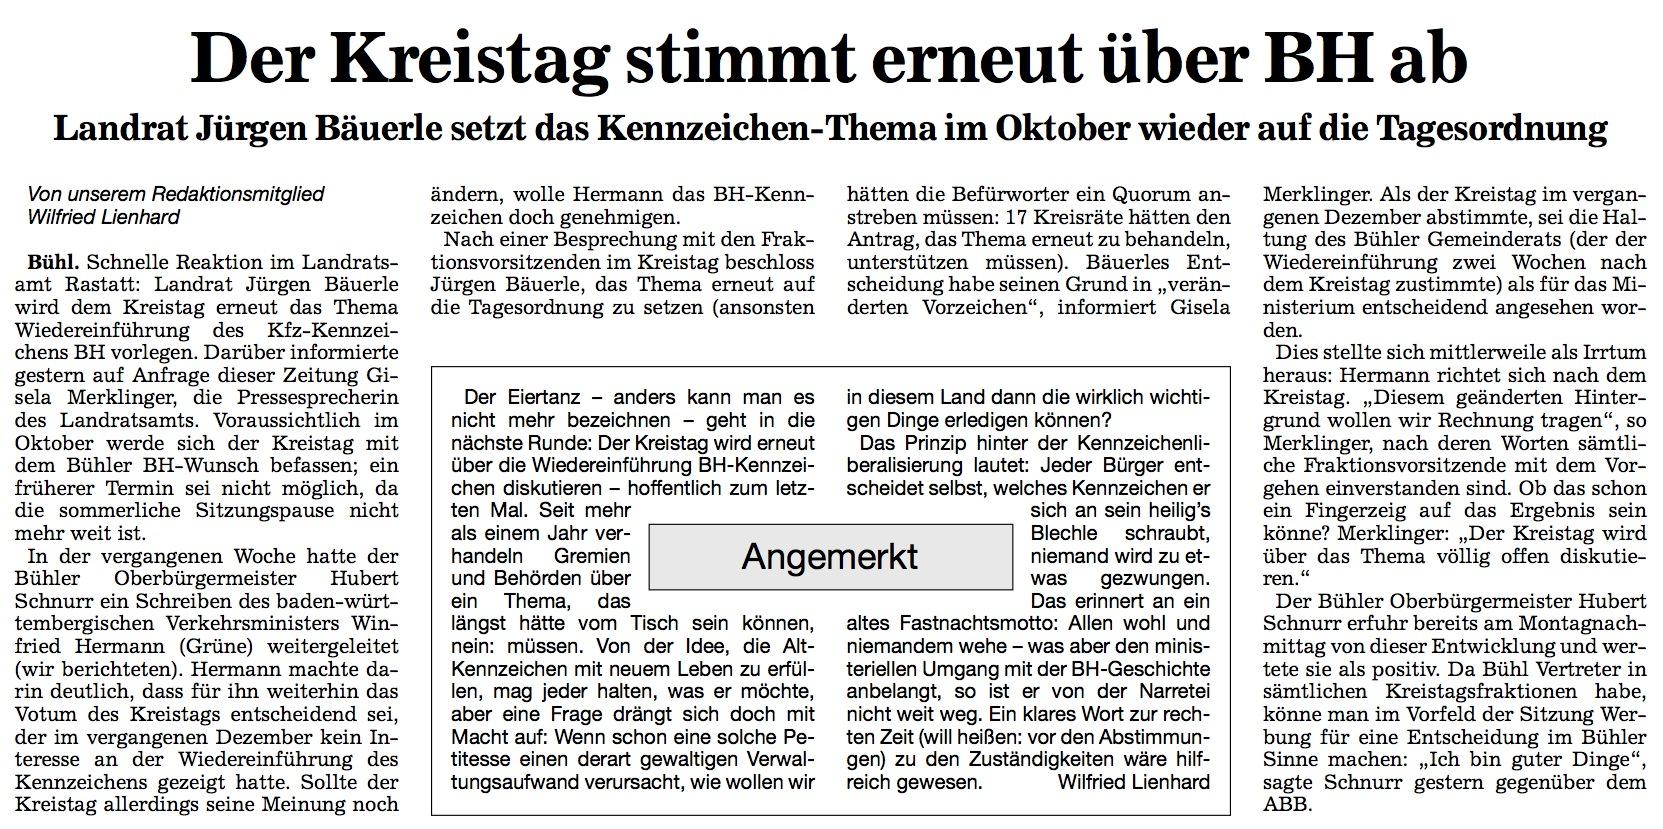 Acher- und Bühler Bote, 19.06.2013: Der Kreistag stimmt erneut über BH ab